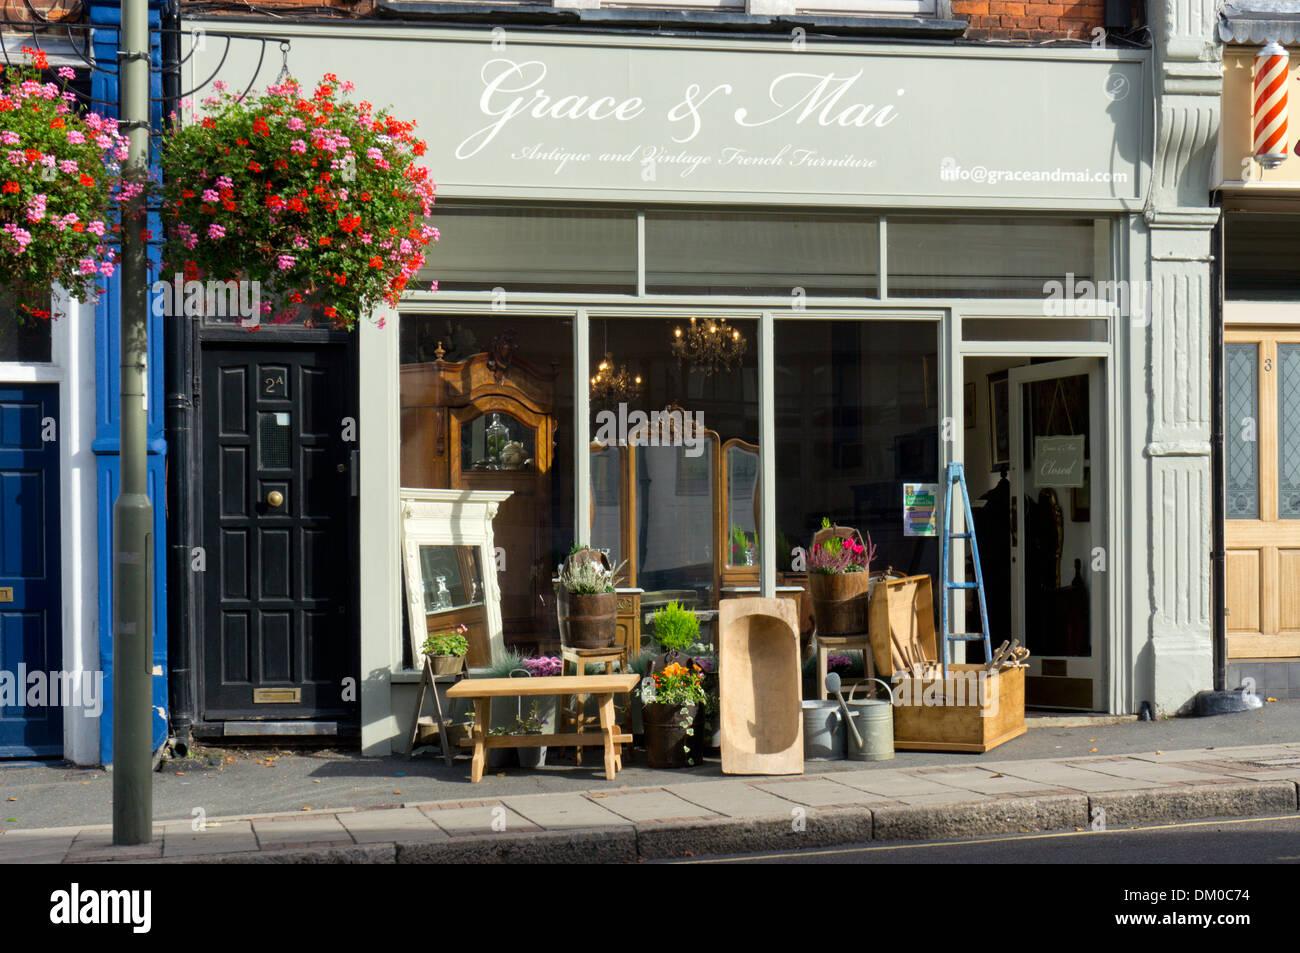 Arredamento sul marciapiede fuori del negozio di grazia & Mai antichi e Vintage mobili francesi in Sundridge Park, Kent. Immagini Stock